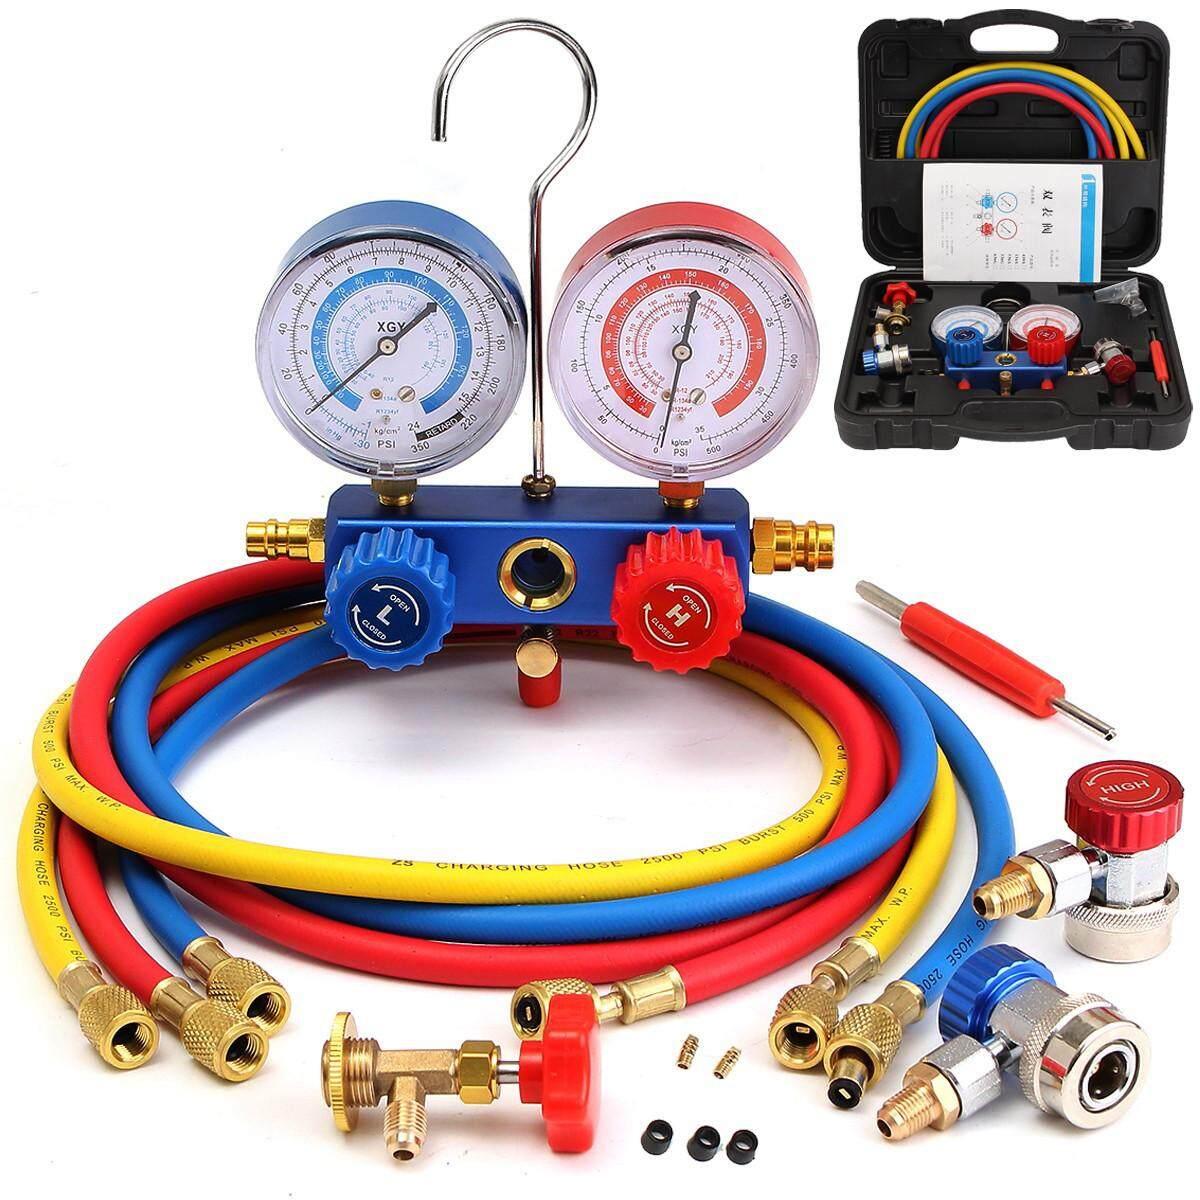 R12 R22 R134a 410a R404z HVAC 3-way AC Refrigeration Kit A/C Manifold Gauge  Set